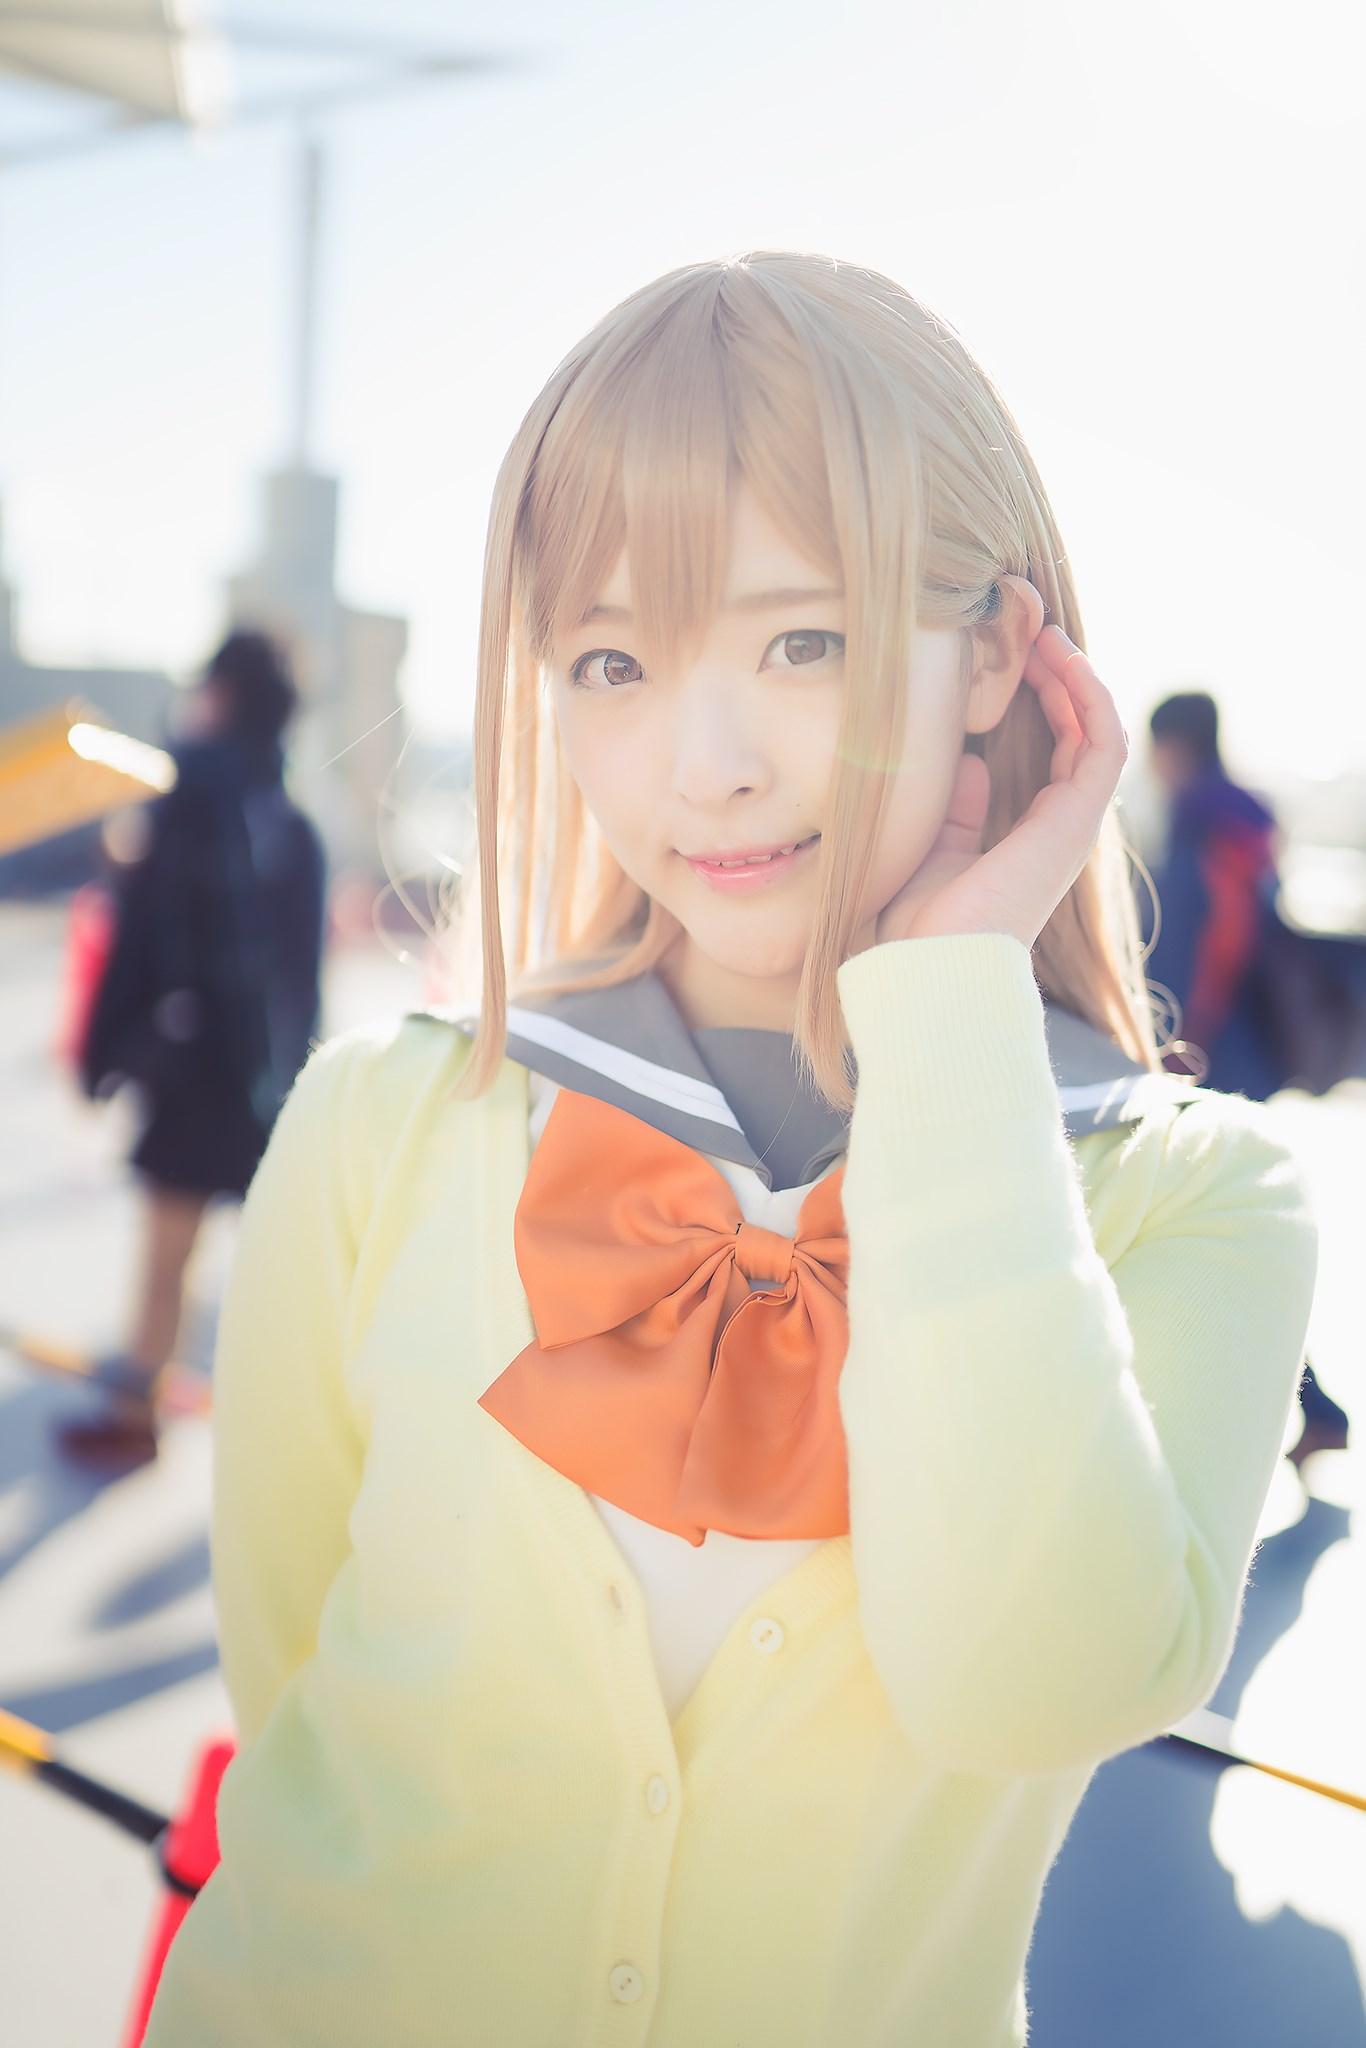 【兔玩映画】阳光与少女 兔玩映画 第6张